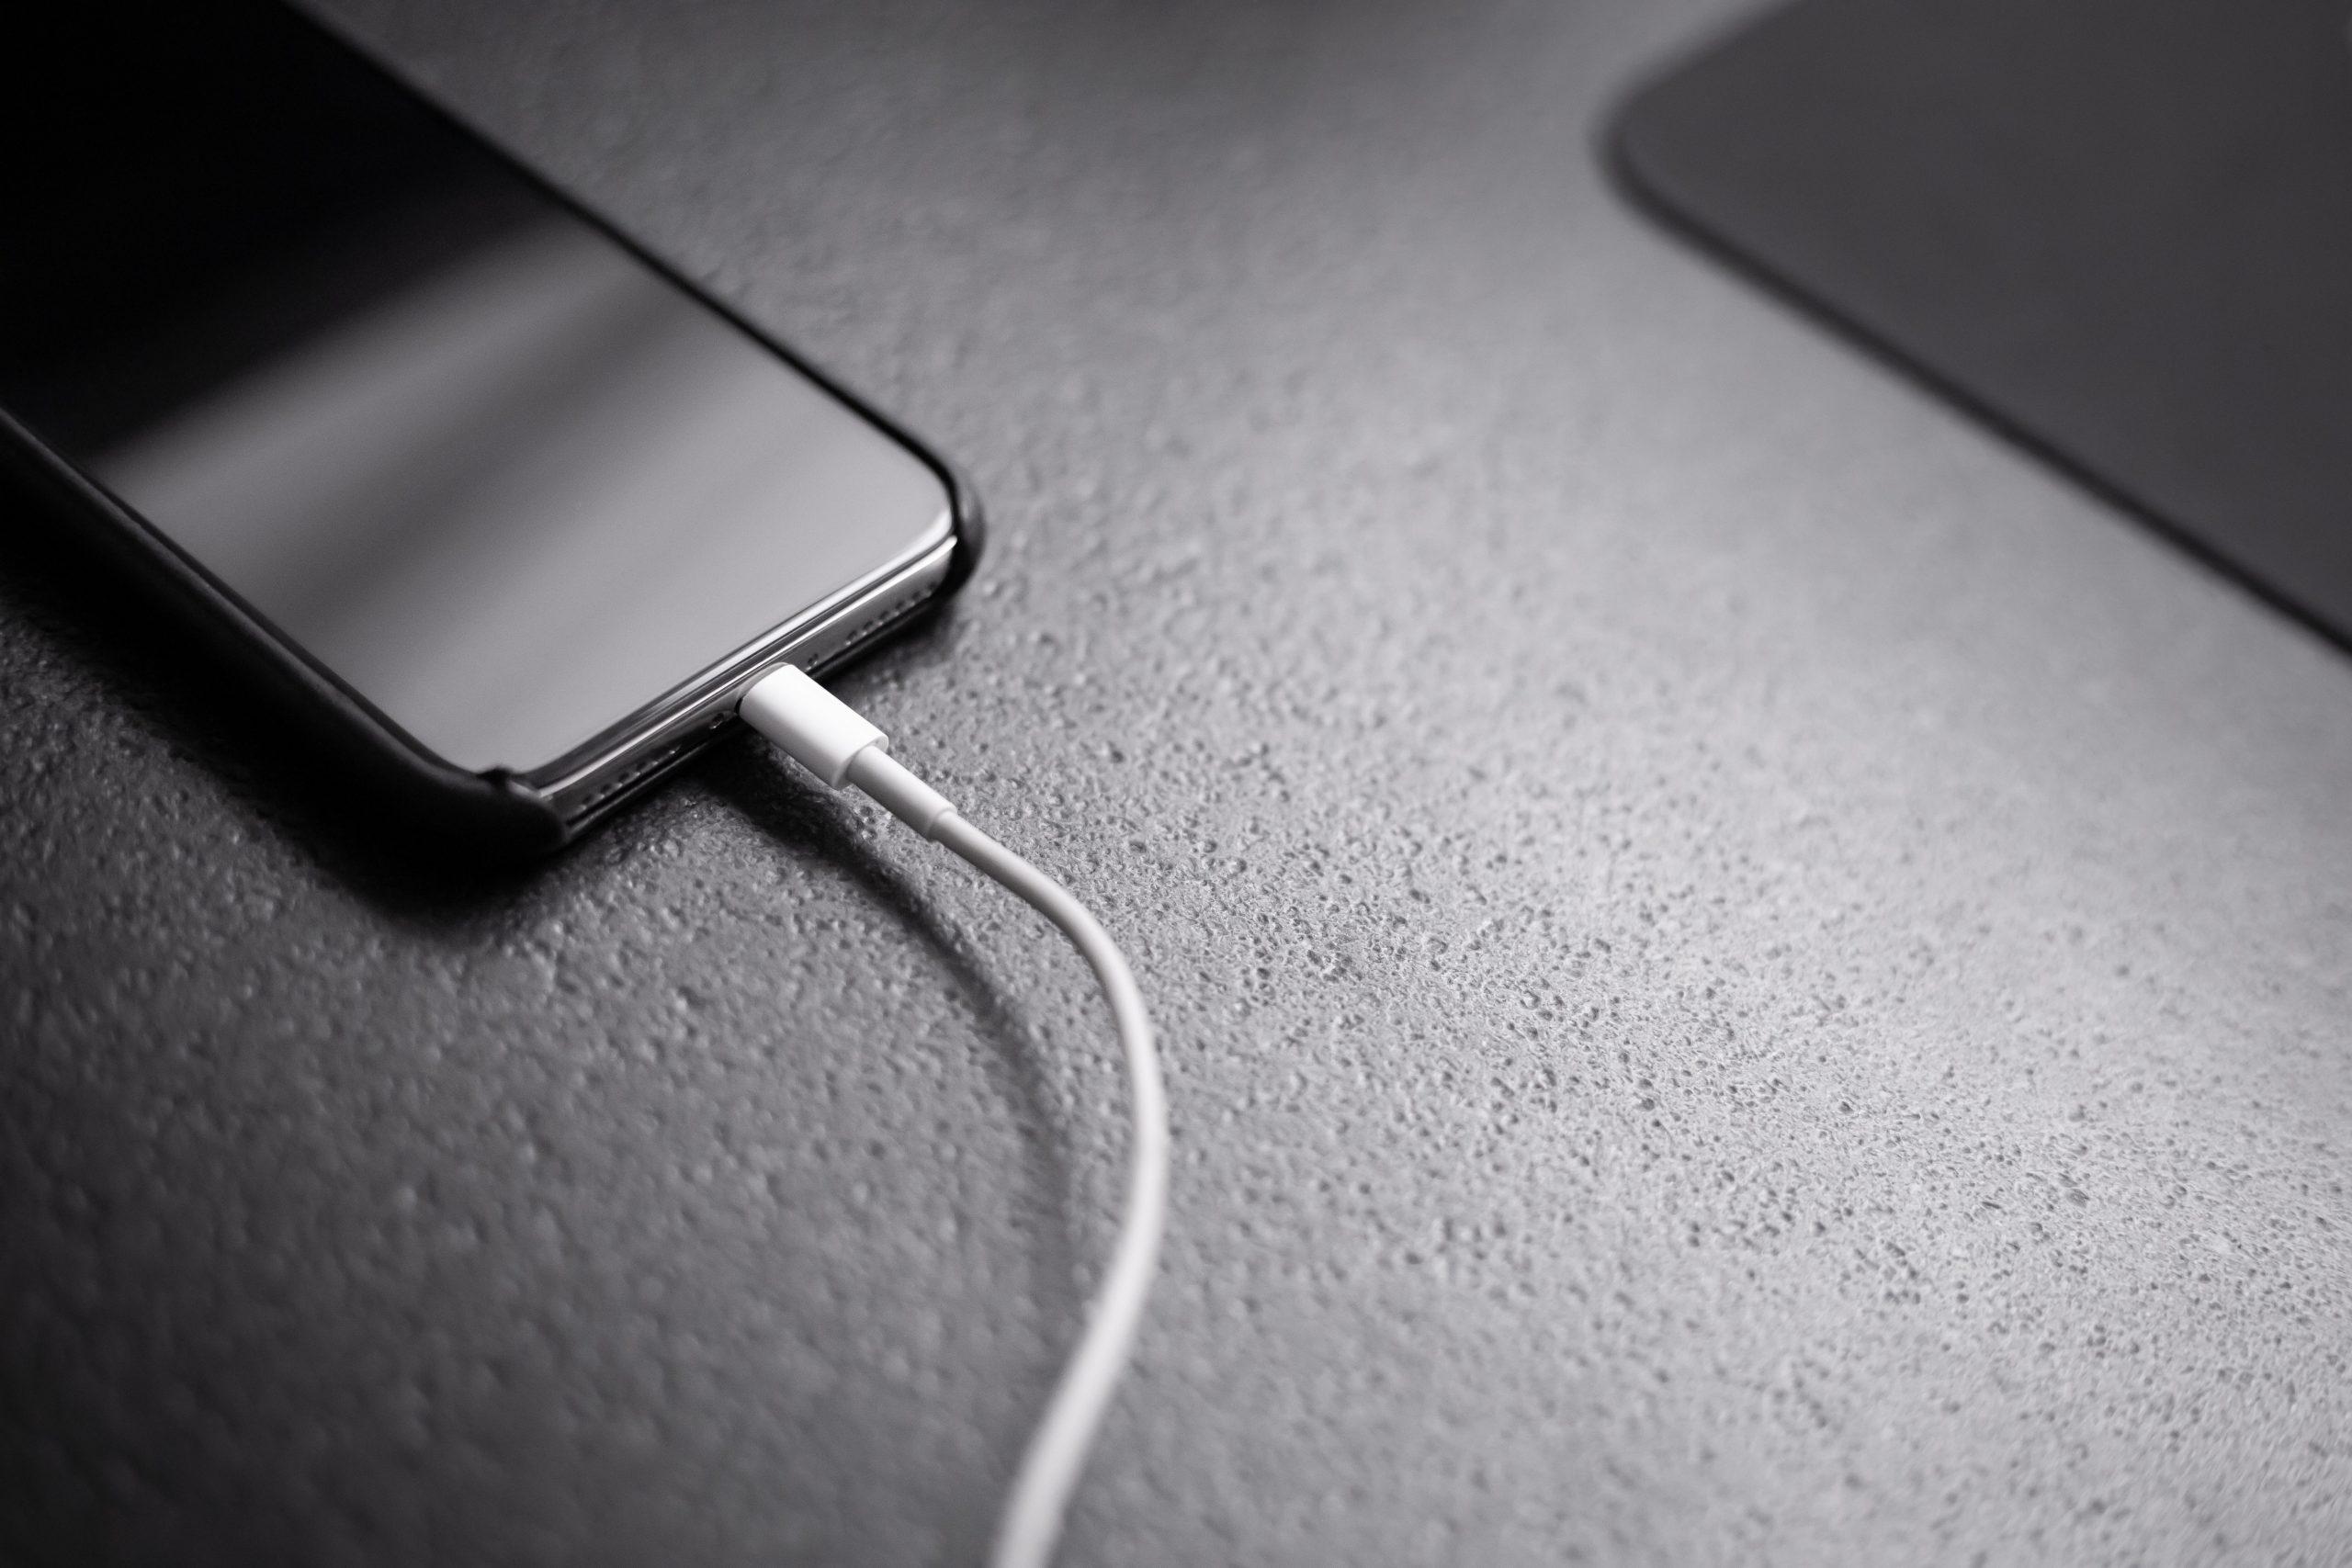 Na foto um iPhone conectado a um cabo de carregador.